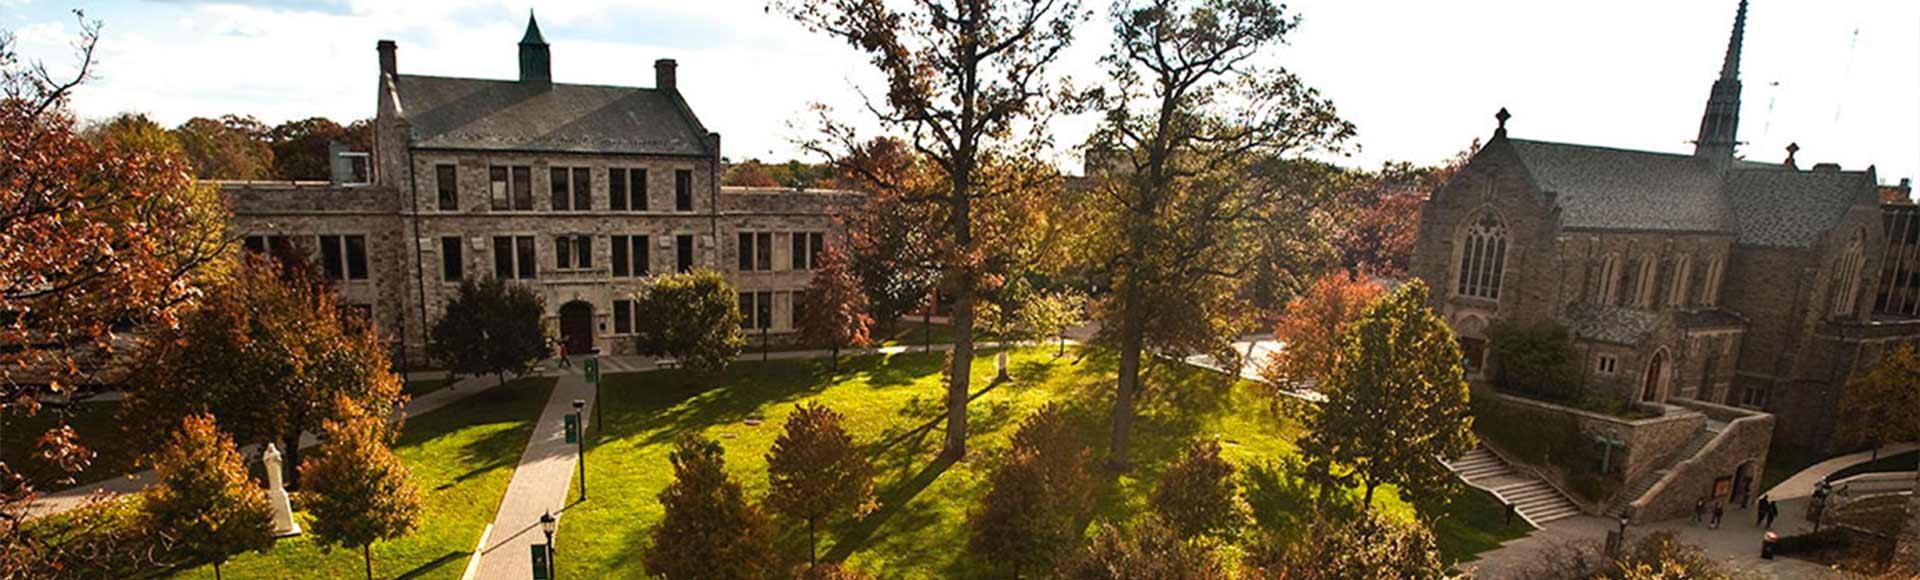 loyola-university-maryland.jpg